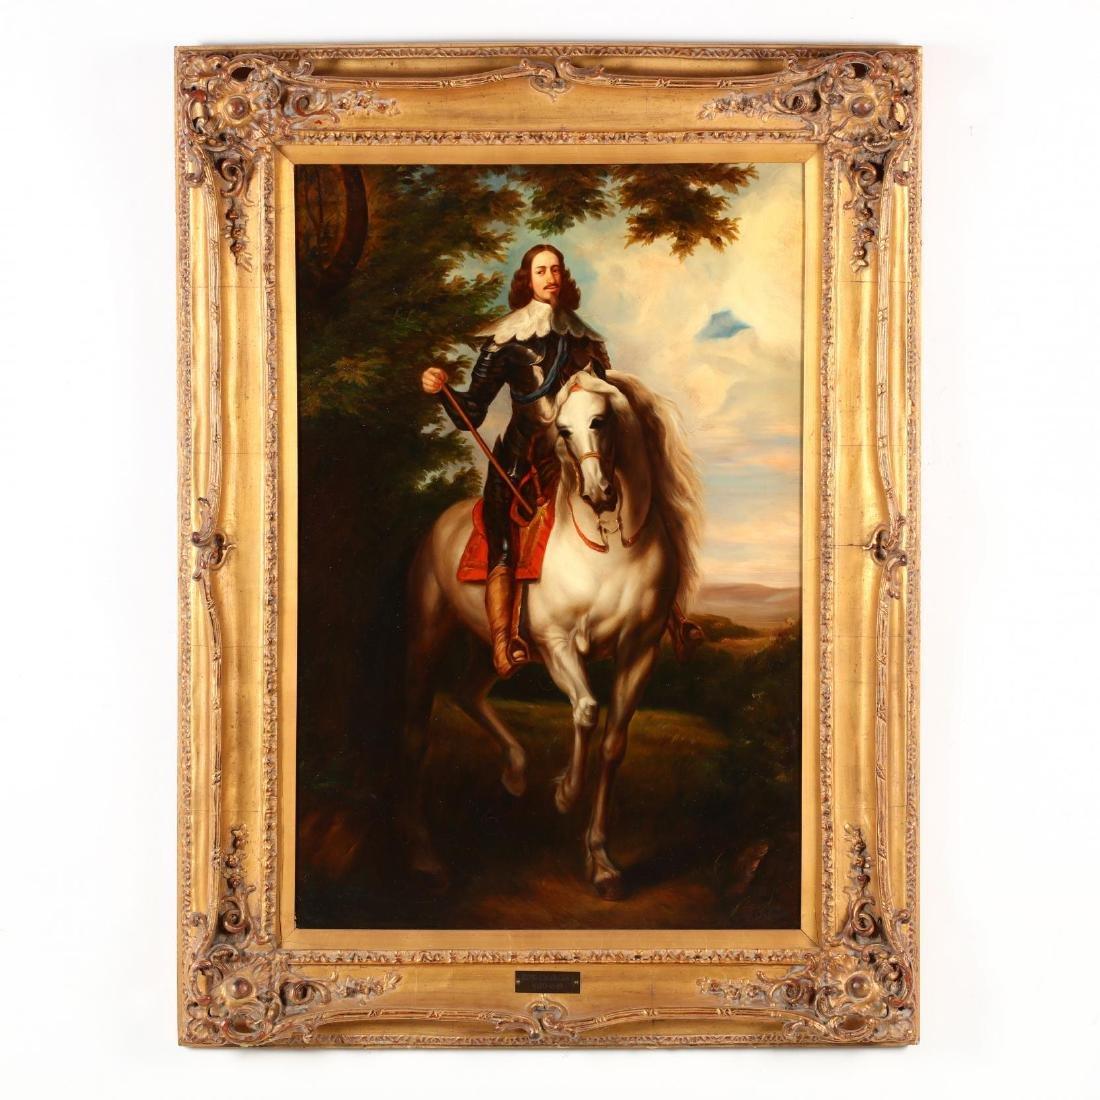 after Van Dyck (1599-1641), Portrait of King Charles I